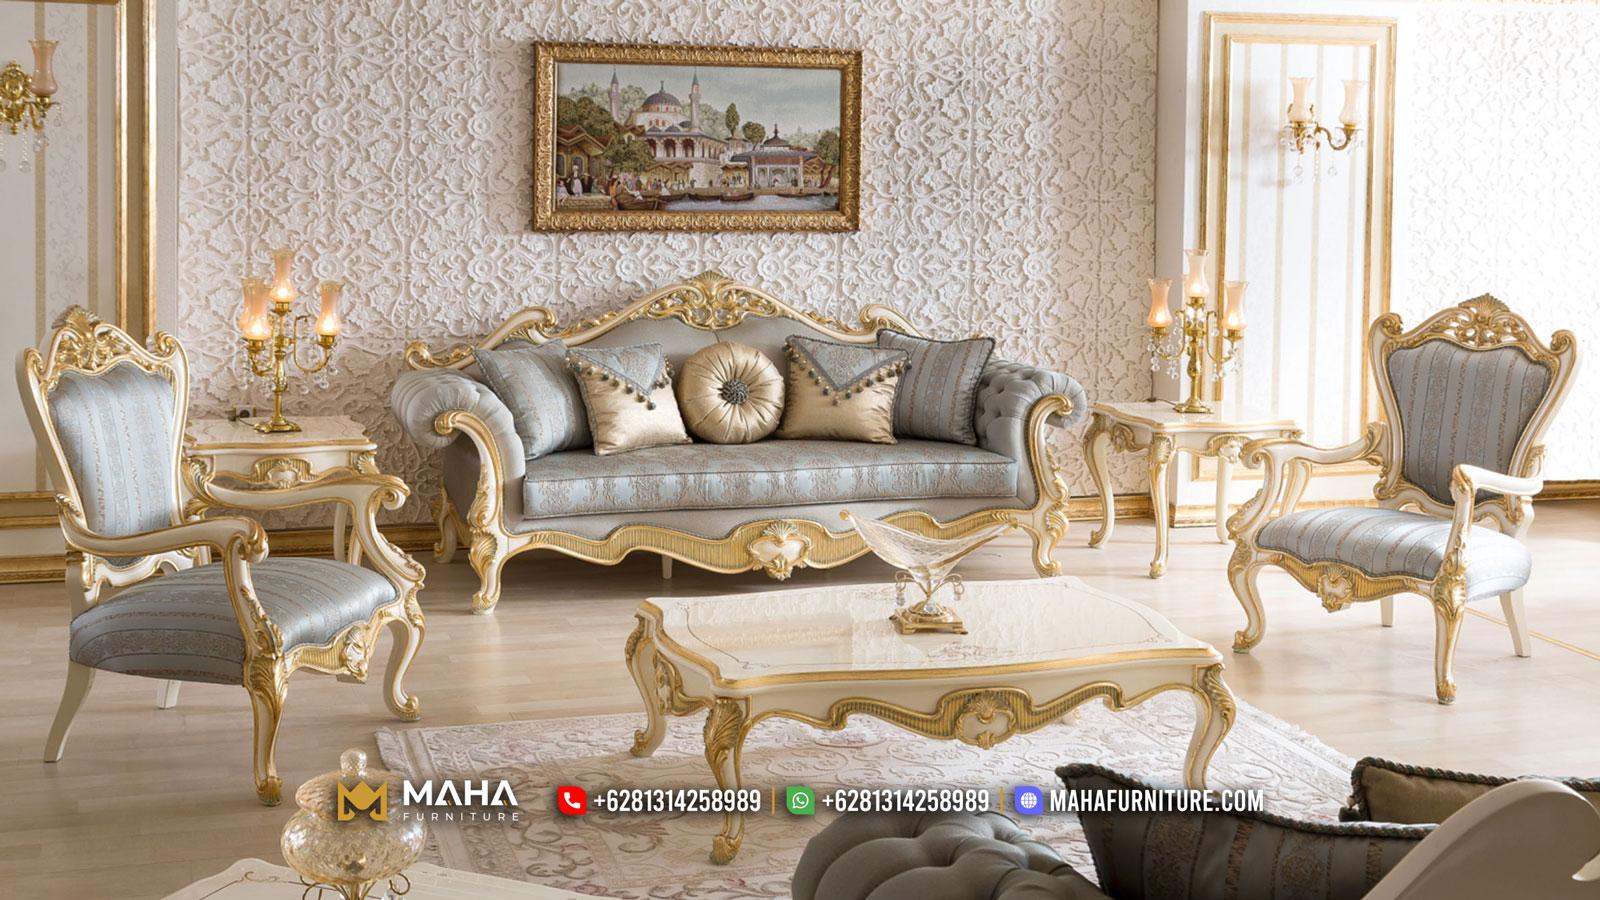 Best Seller Sofa Tamu Mewah Ukir Jepara Elegant Set Royals MF15